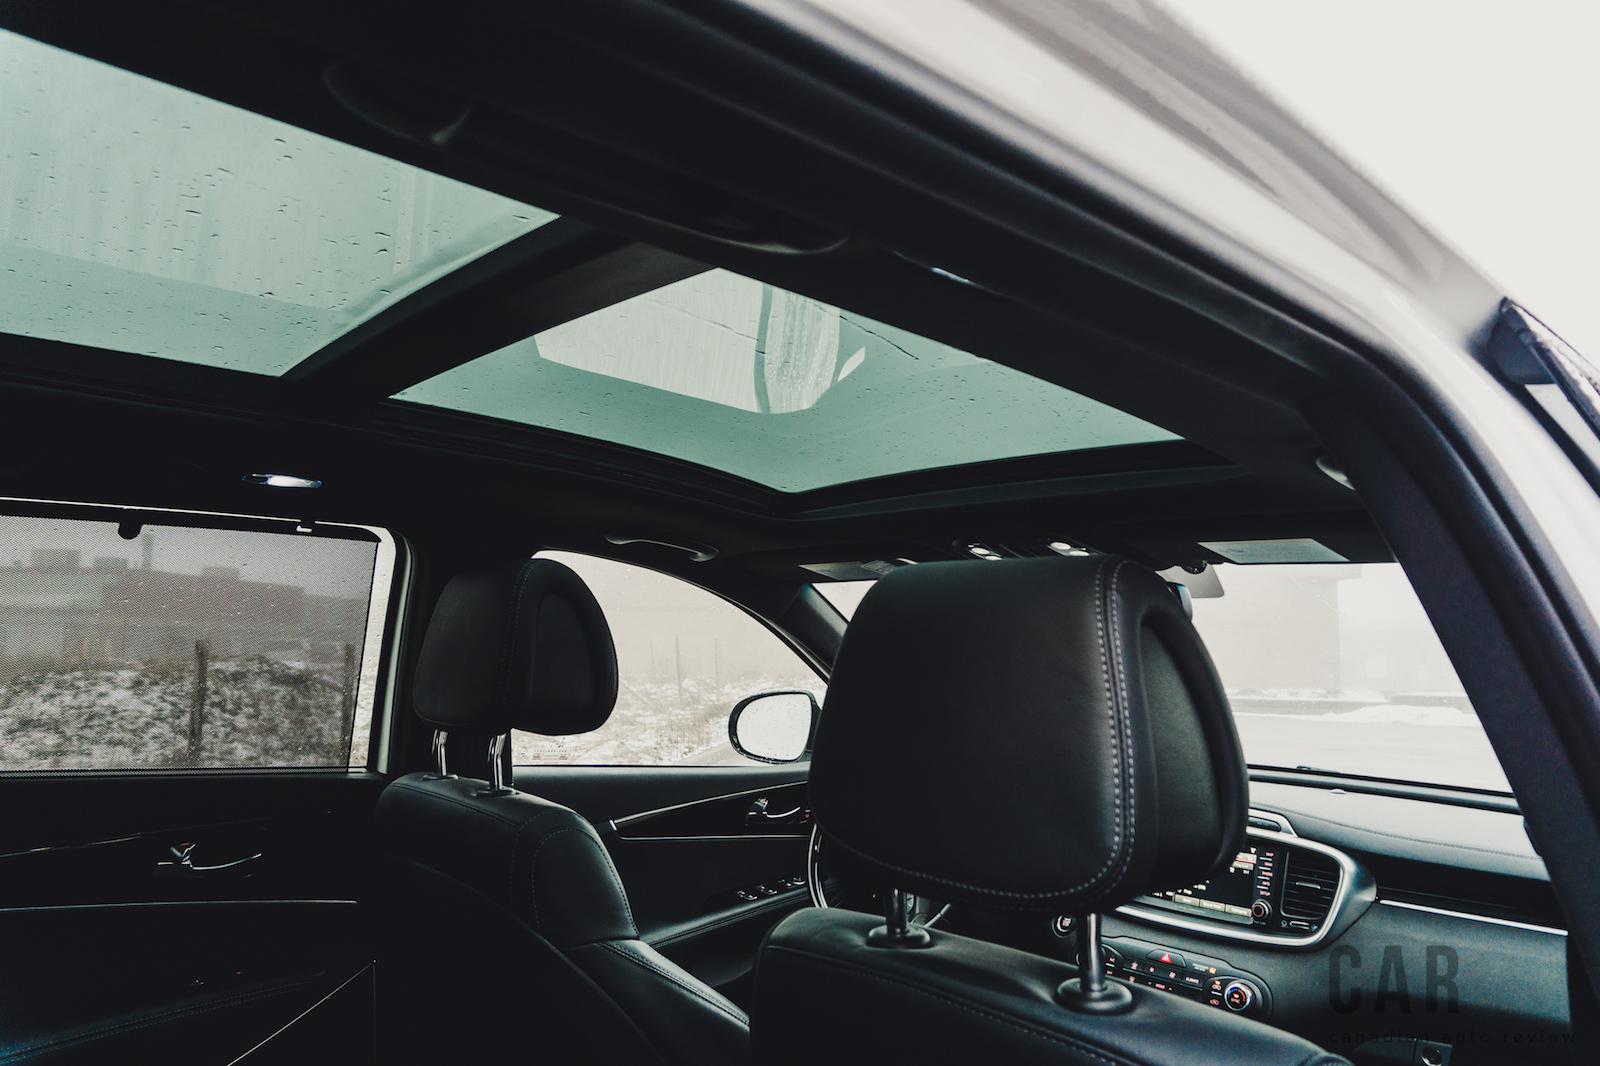 Review: 2016 Kia Sorento SX Turbo AWD